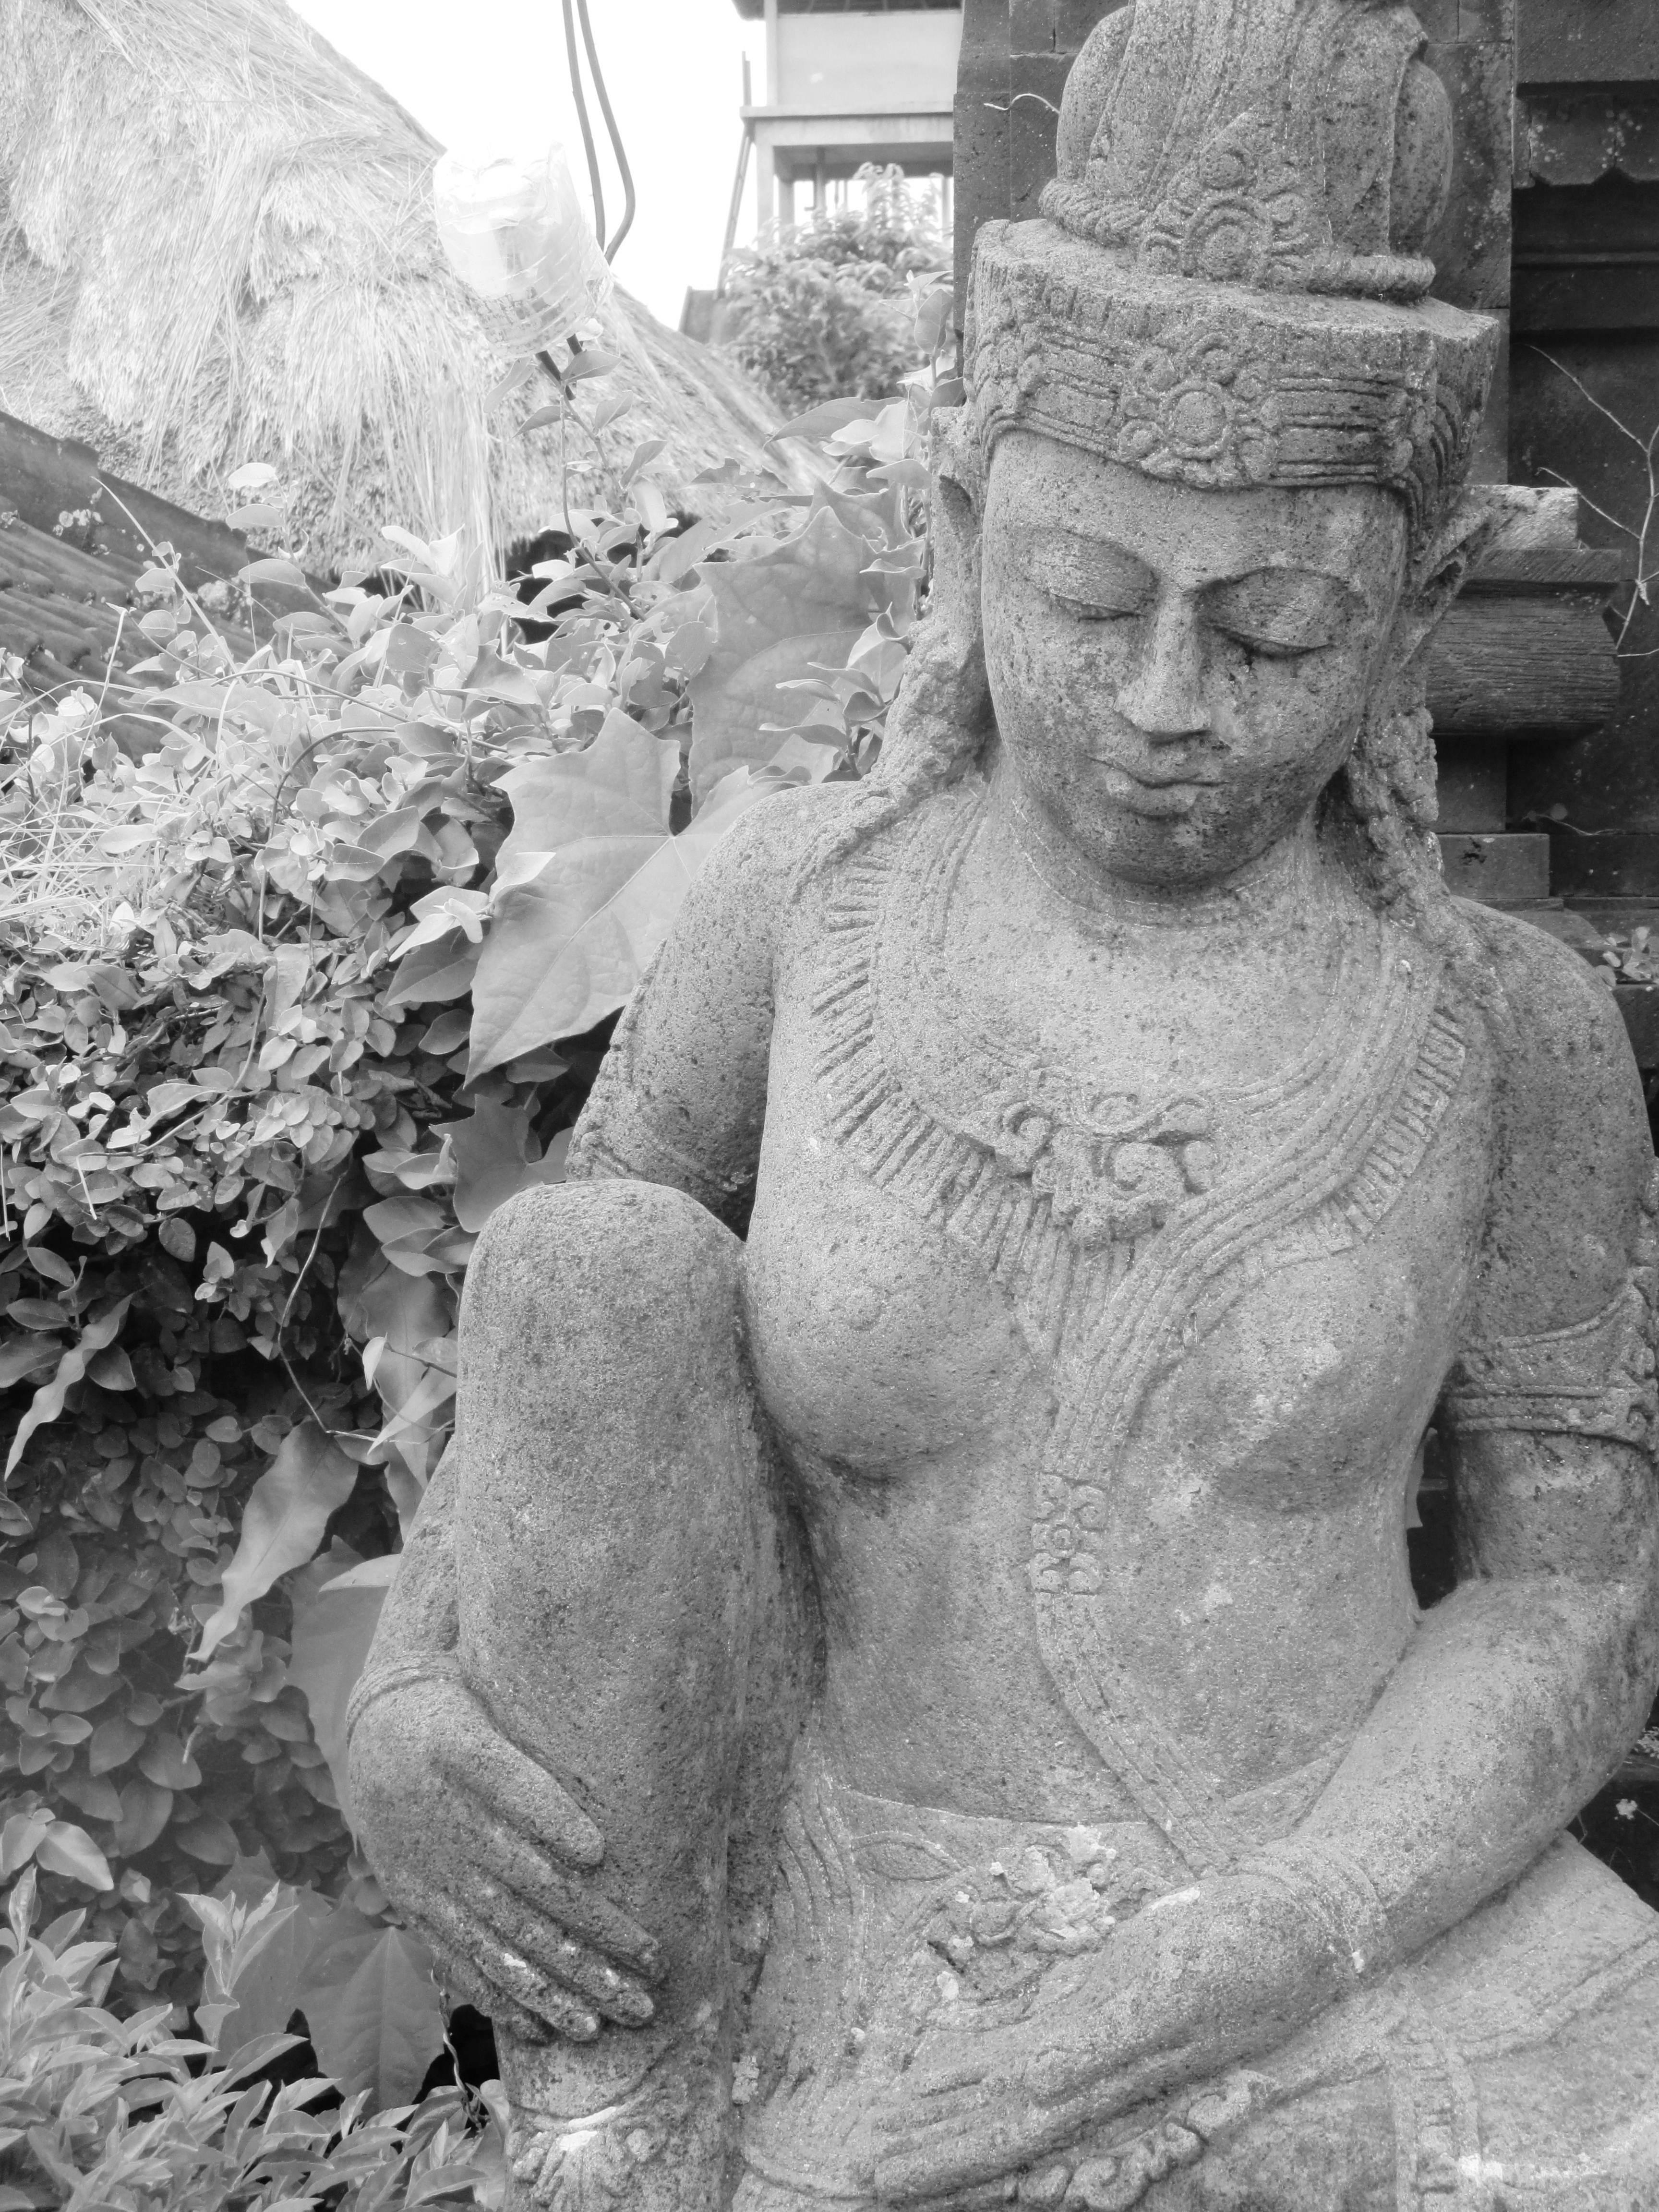 Il Barong di Padang Bai a Bali